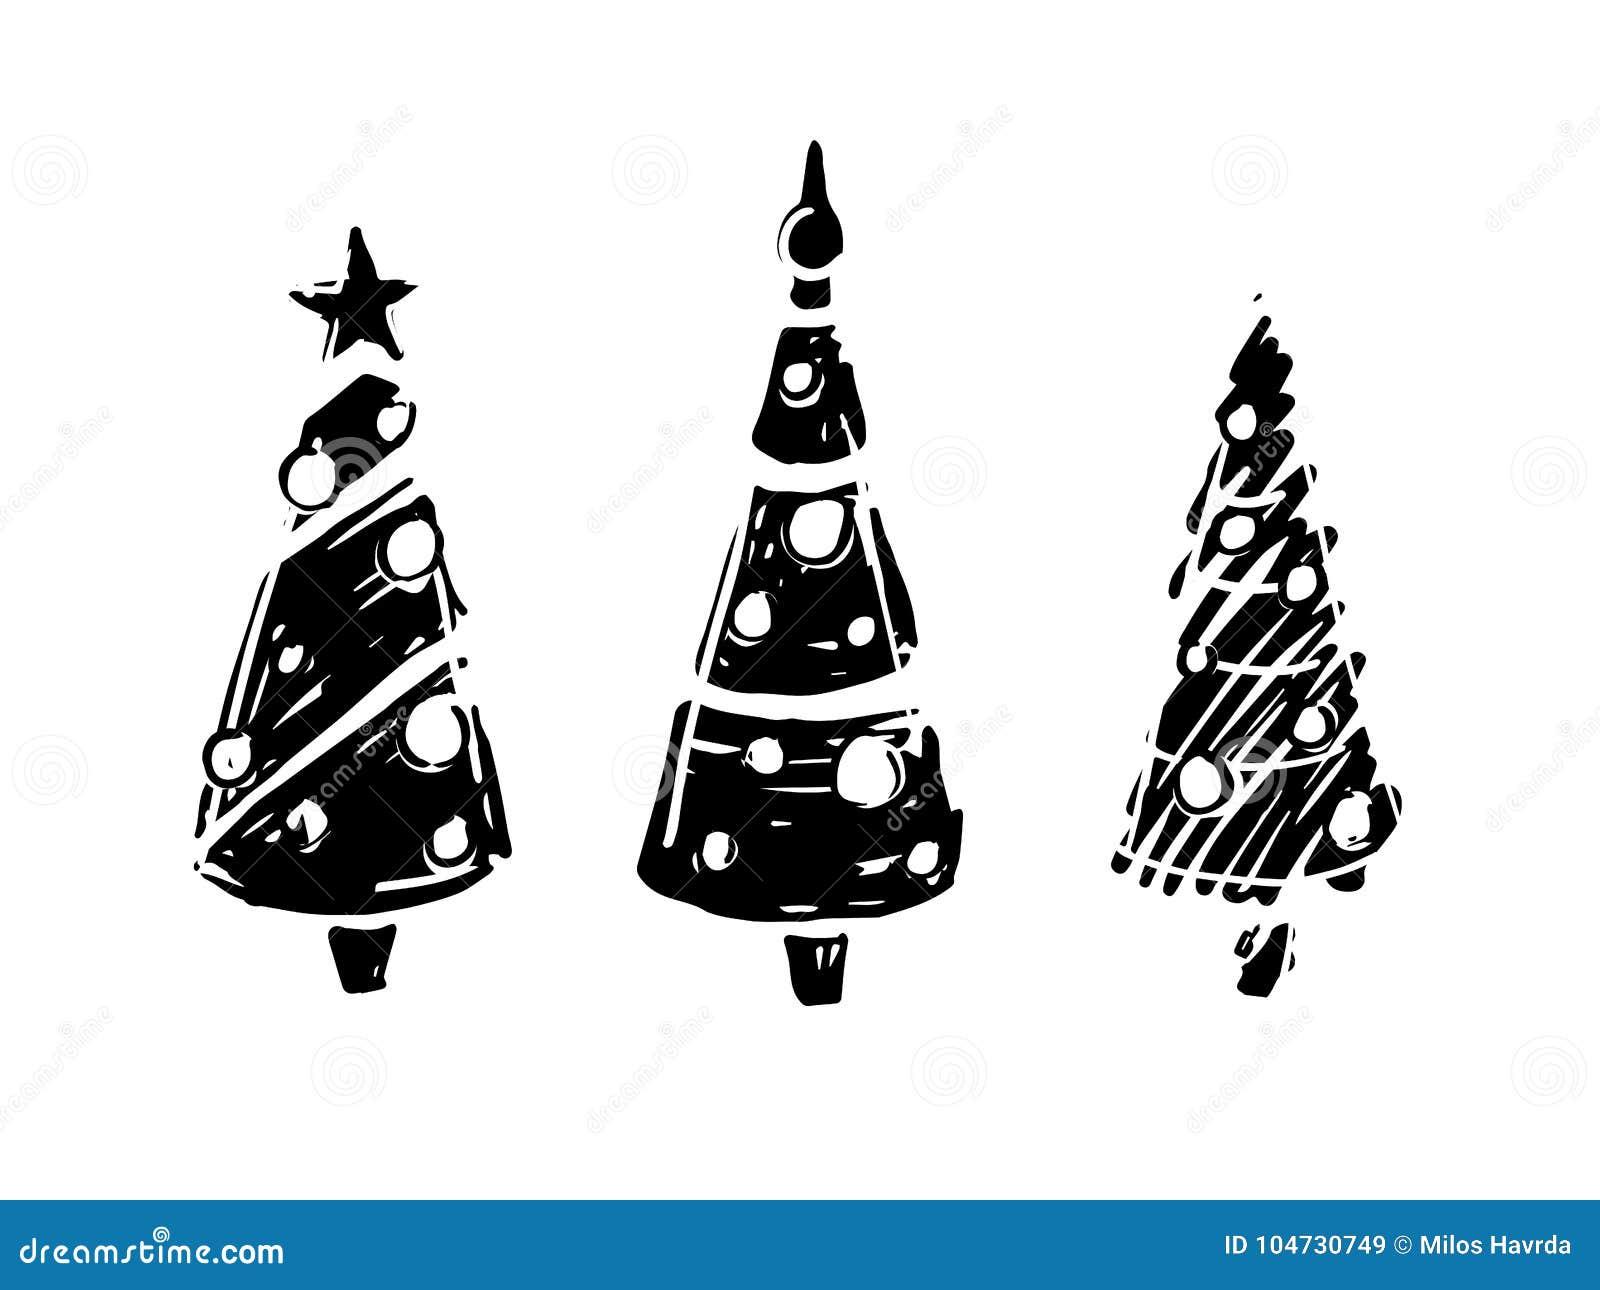 Immagini Di Natale In Bianco E Nero.Alberi Di Natale In Bianco E Nero Illustrazione Vettoriale